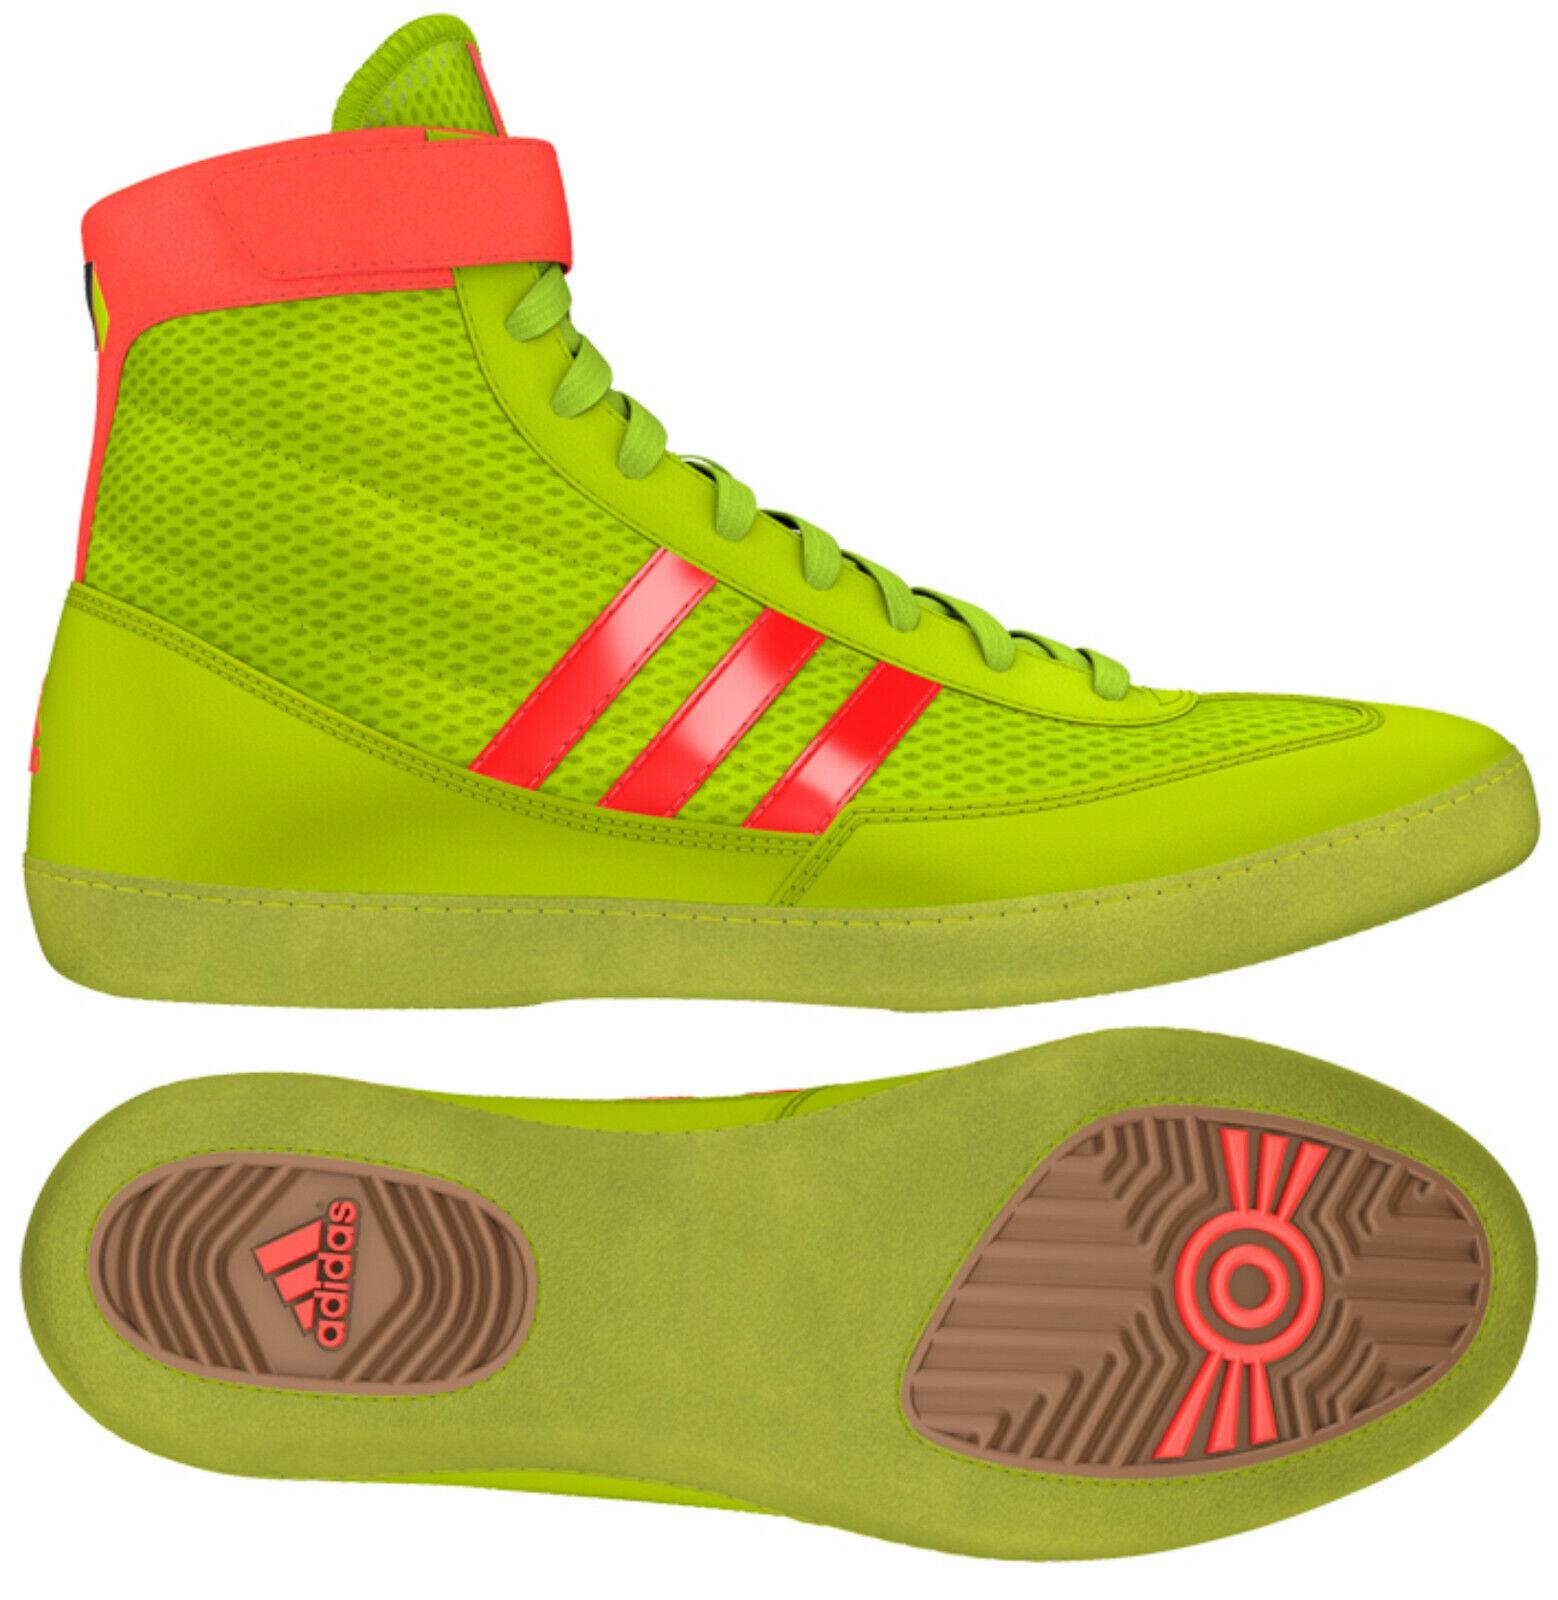 orange youth wrestling shoes